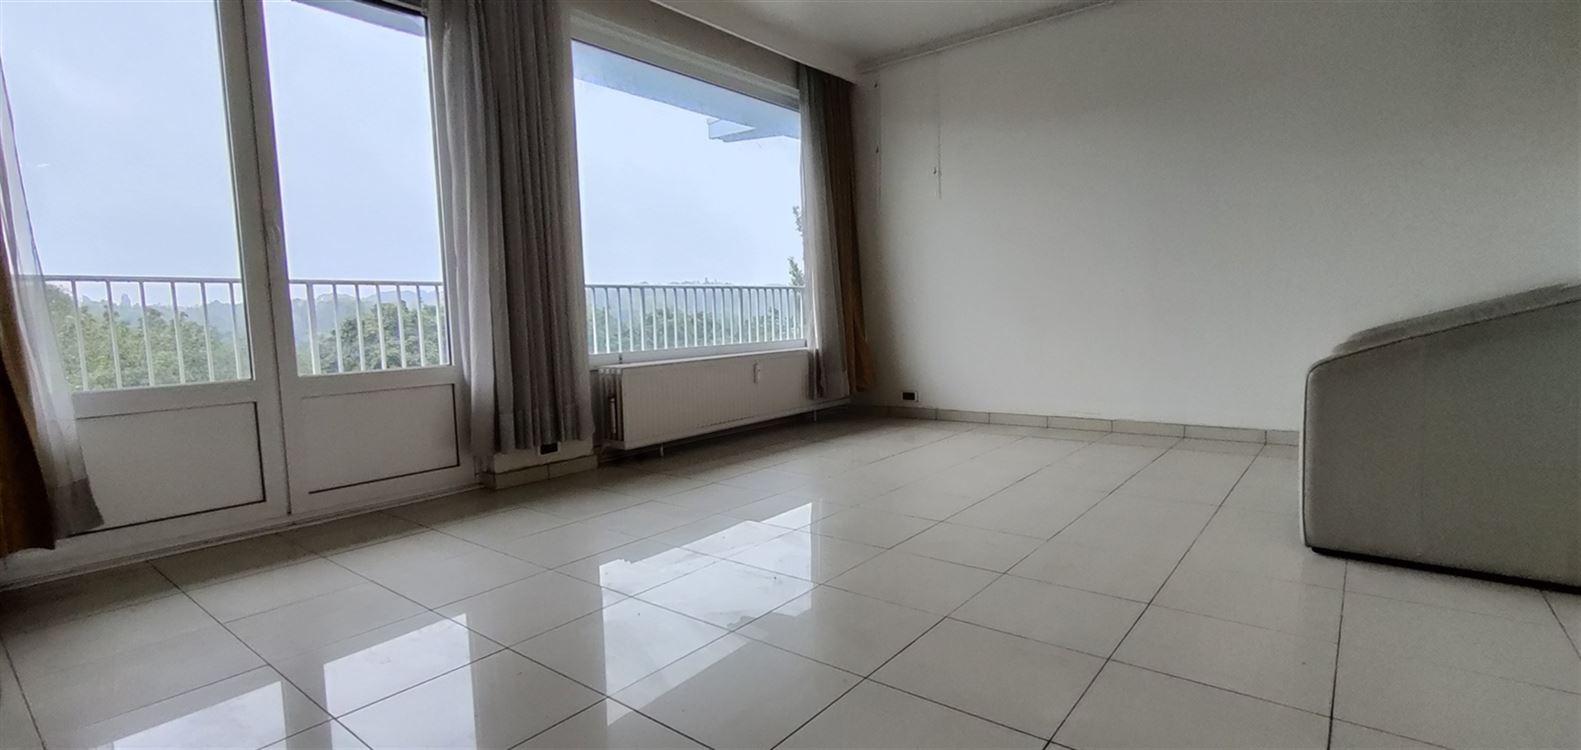 Foto 1 : Appartement te 1180 UKKEL (België) - Prijs € 295.000